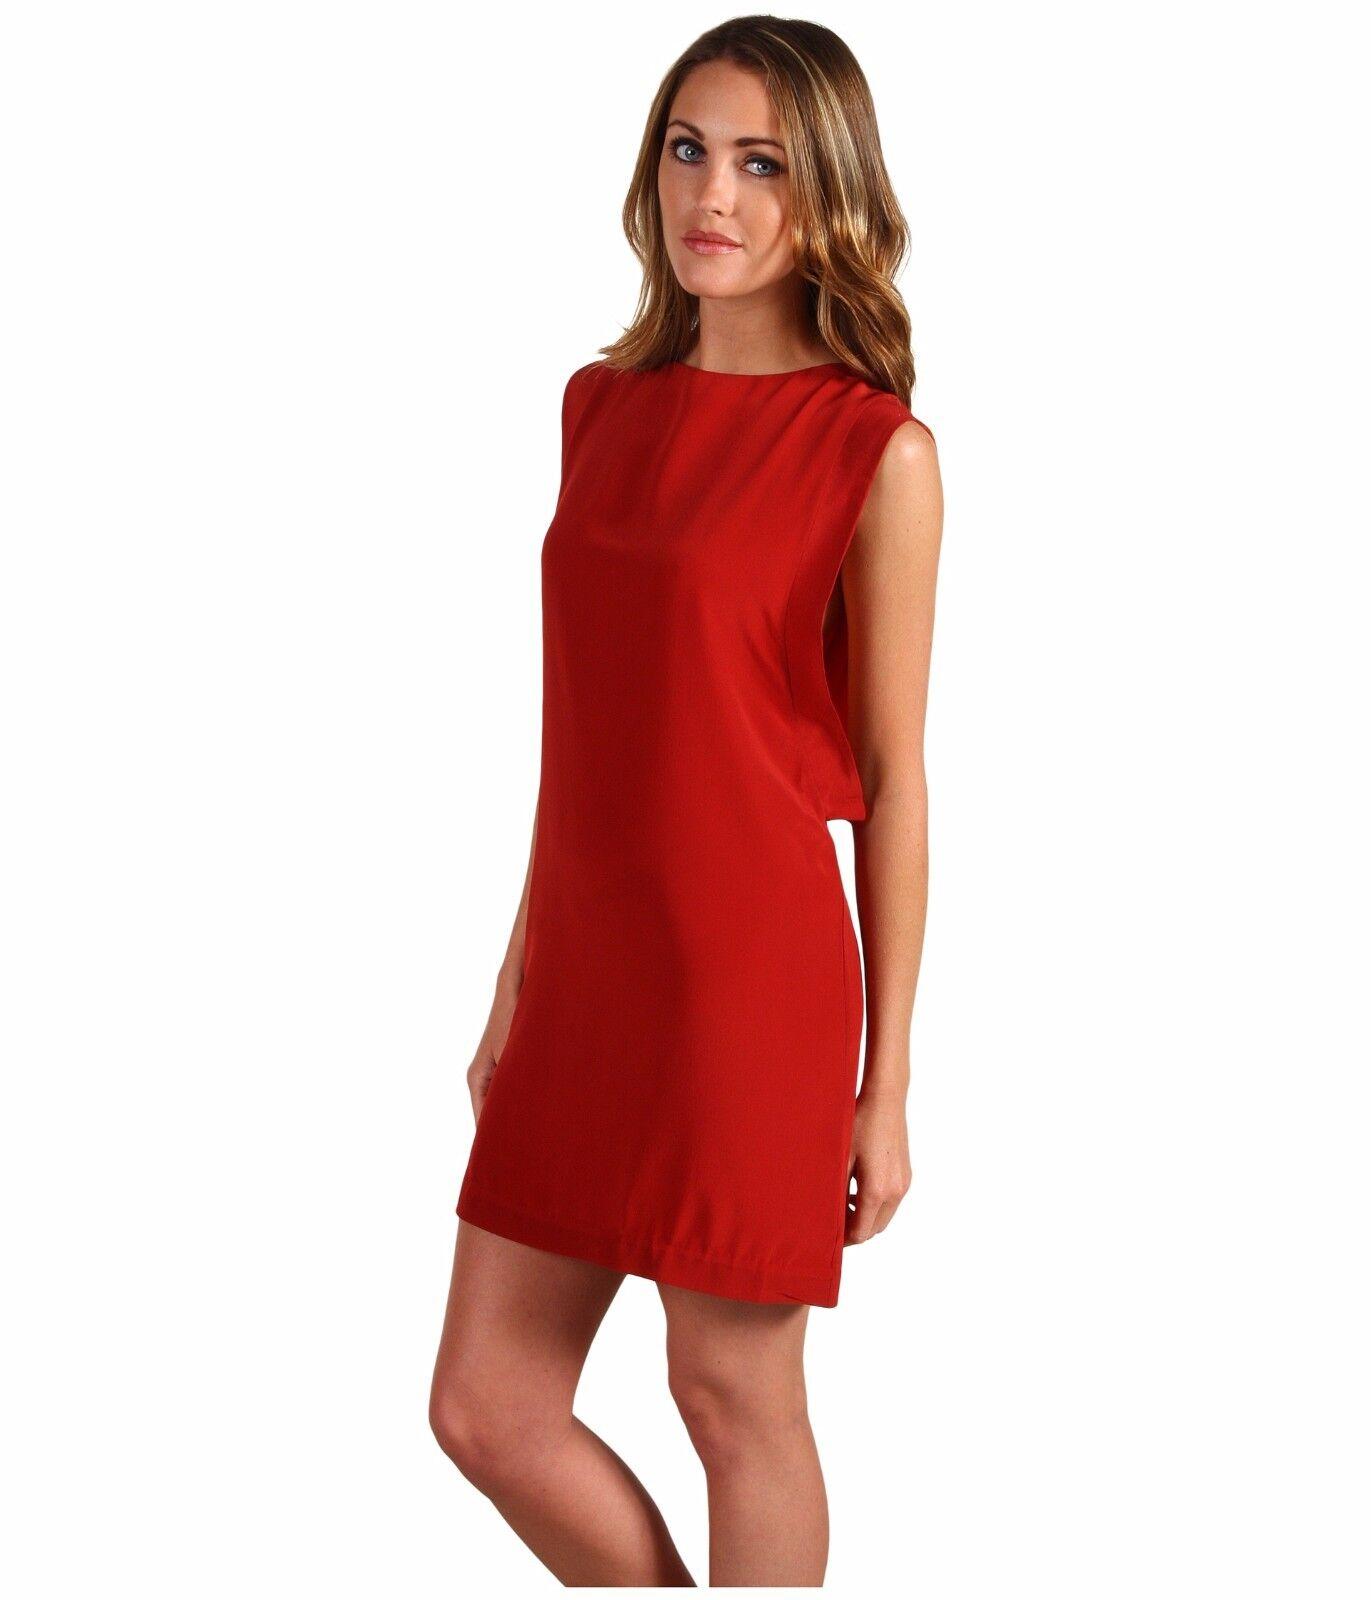 L.A.M.B. Size 6 Silk Tunic Paprika orange Dress